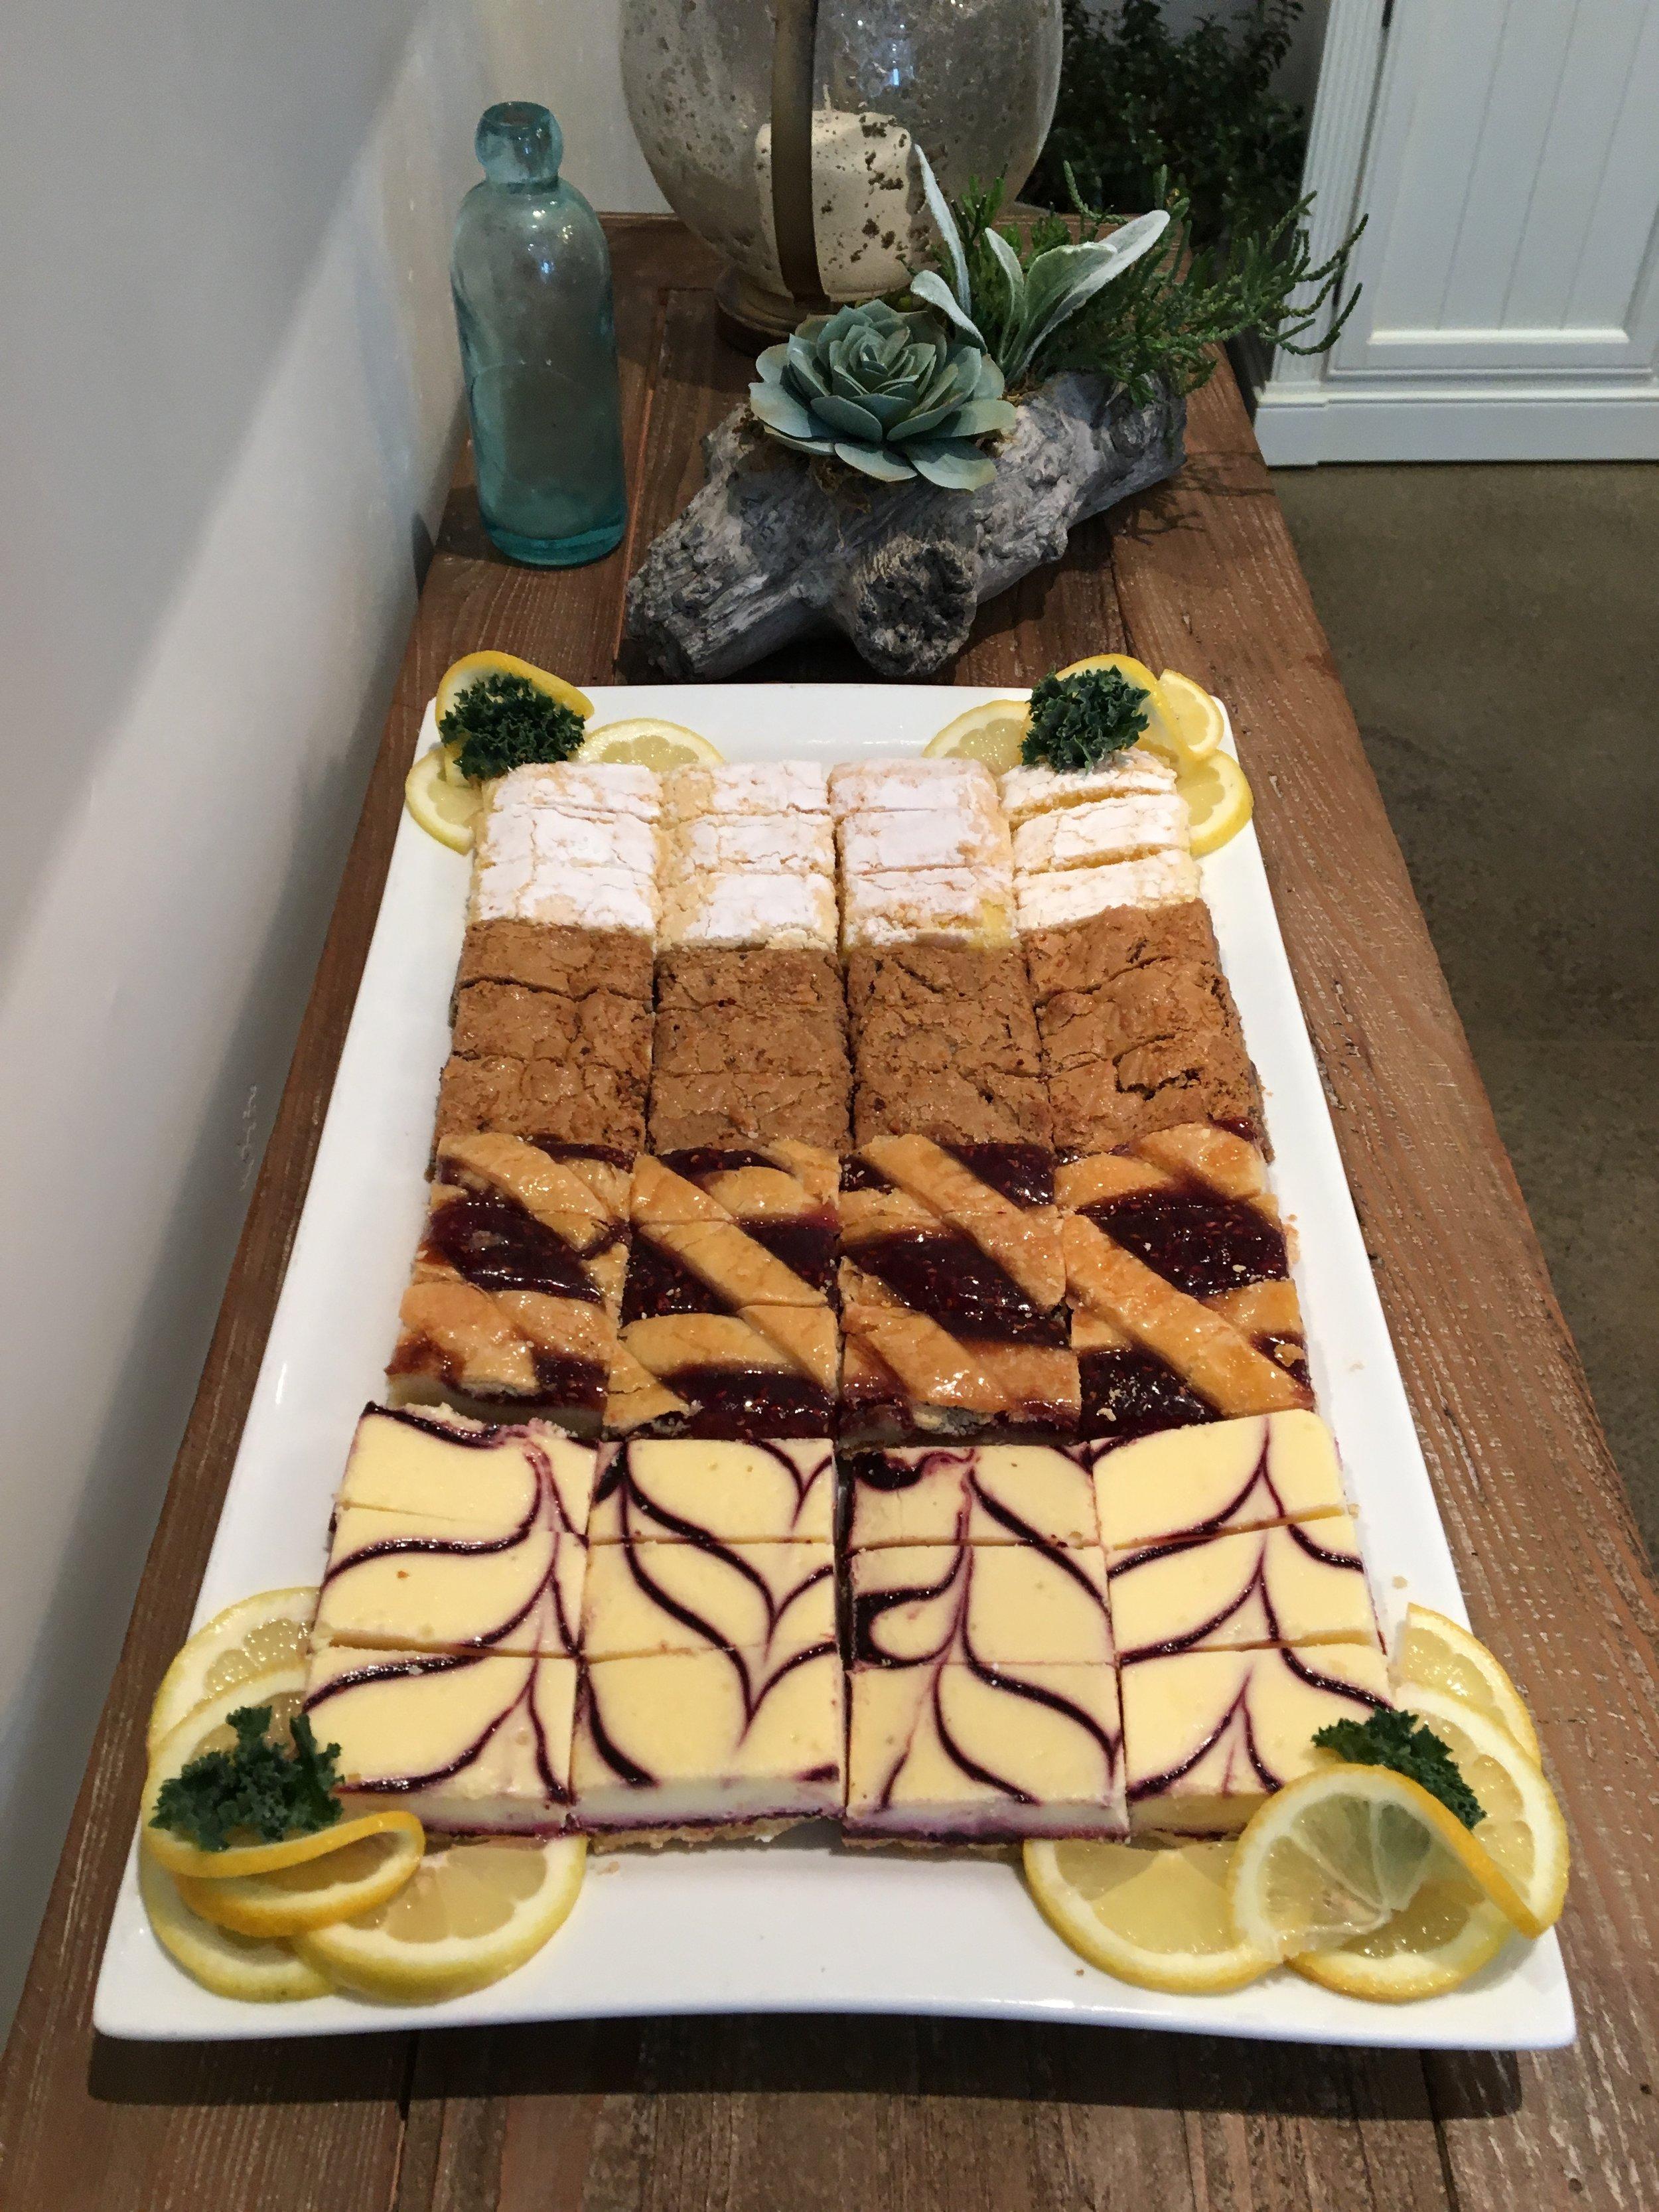 Assorted Gourmet Dessert Bars